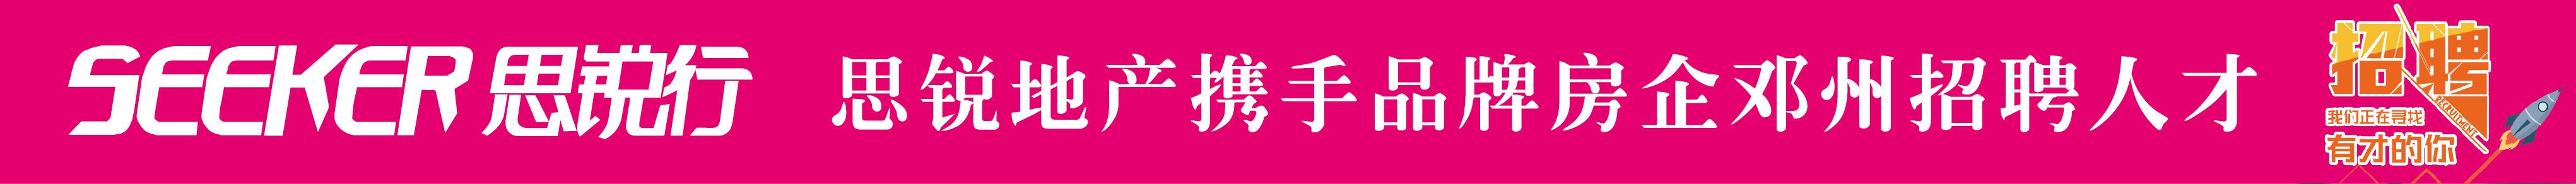 南阳市思锐行房地产营销策划有限公司